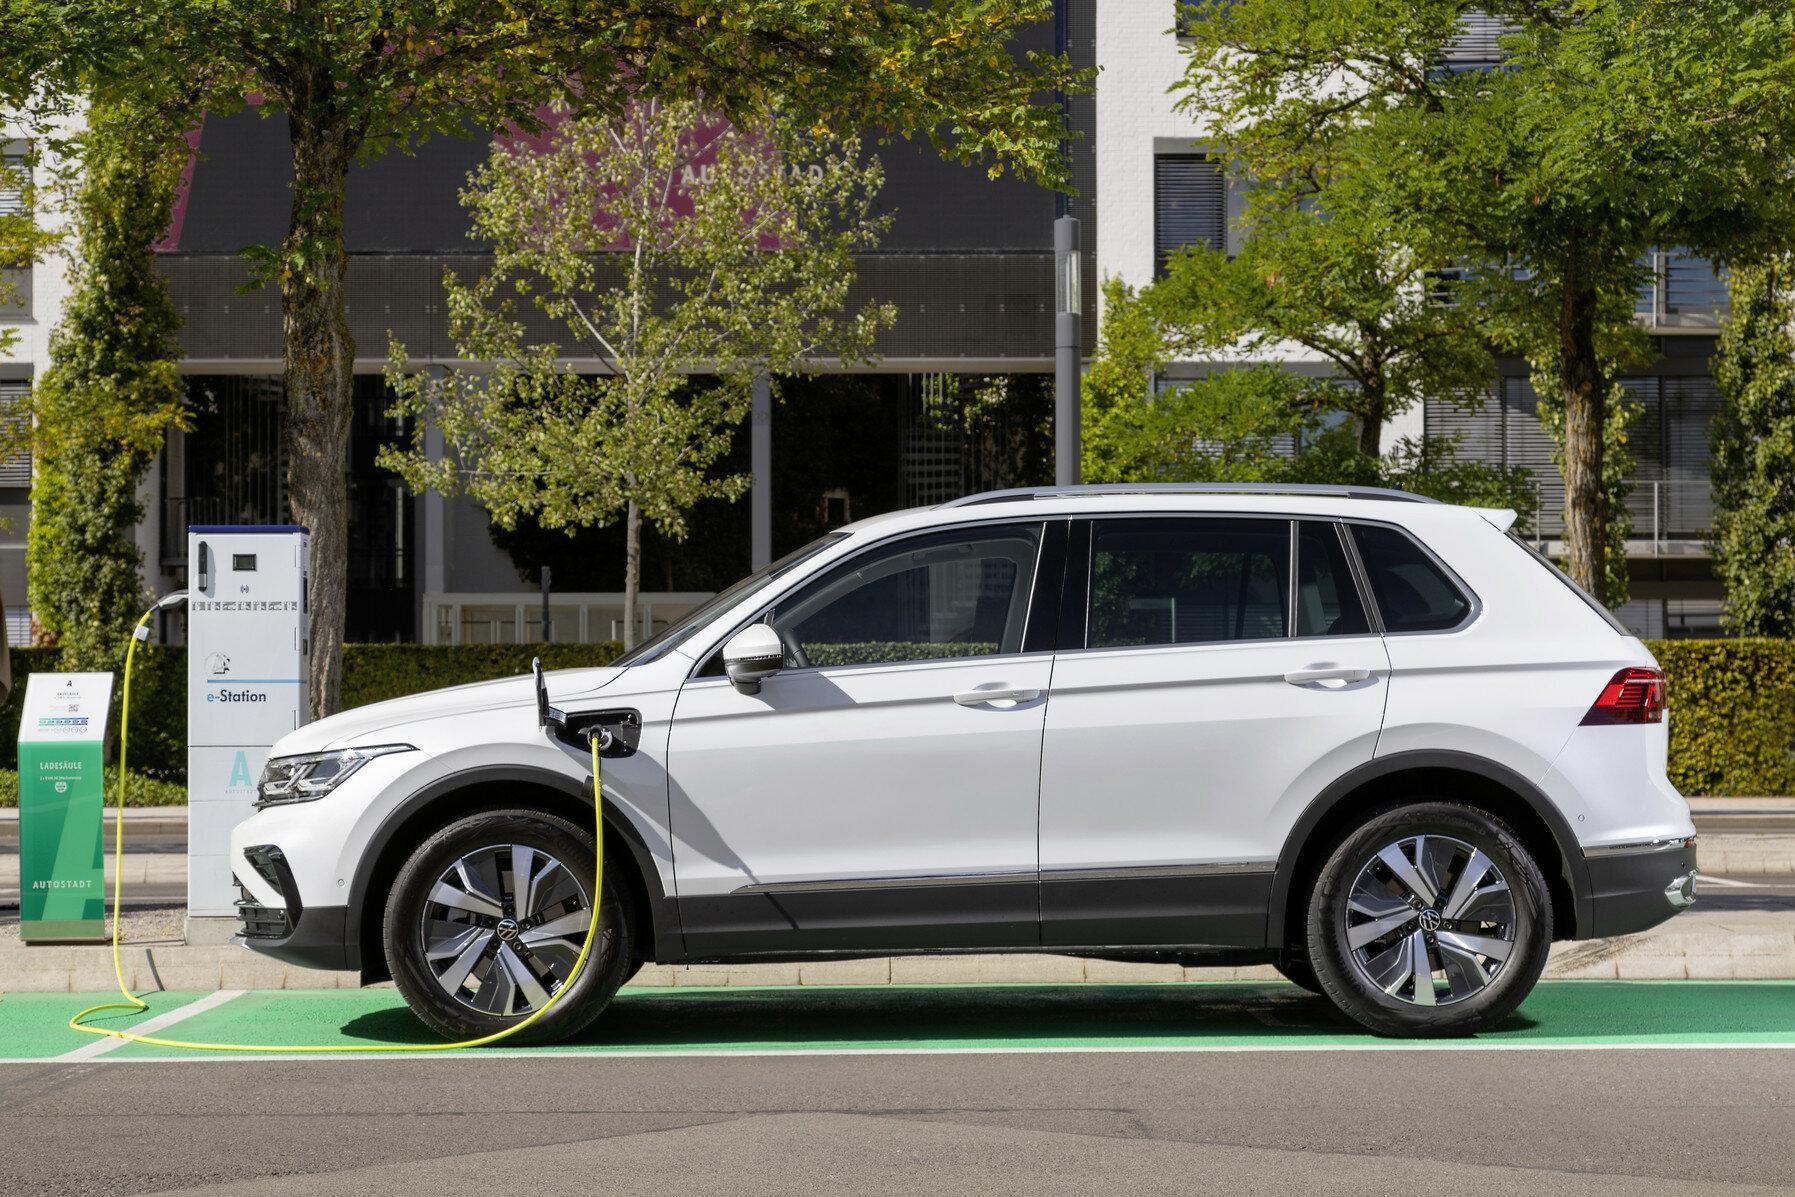 Volkswagen Tiguan eHybrid kombinuje zážehový motor 1.4 TSI (110 kW / 150 k) s elektromotorem (85 kW / 116 k) a s šestistupňovou automatickou převodovkou DSG